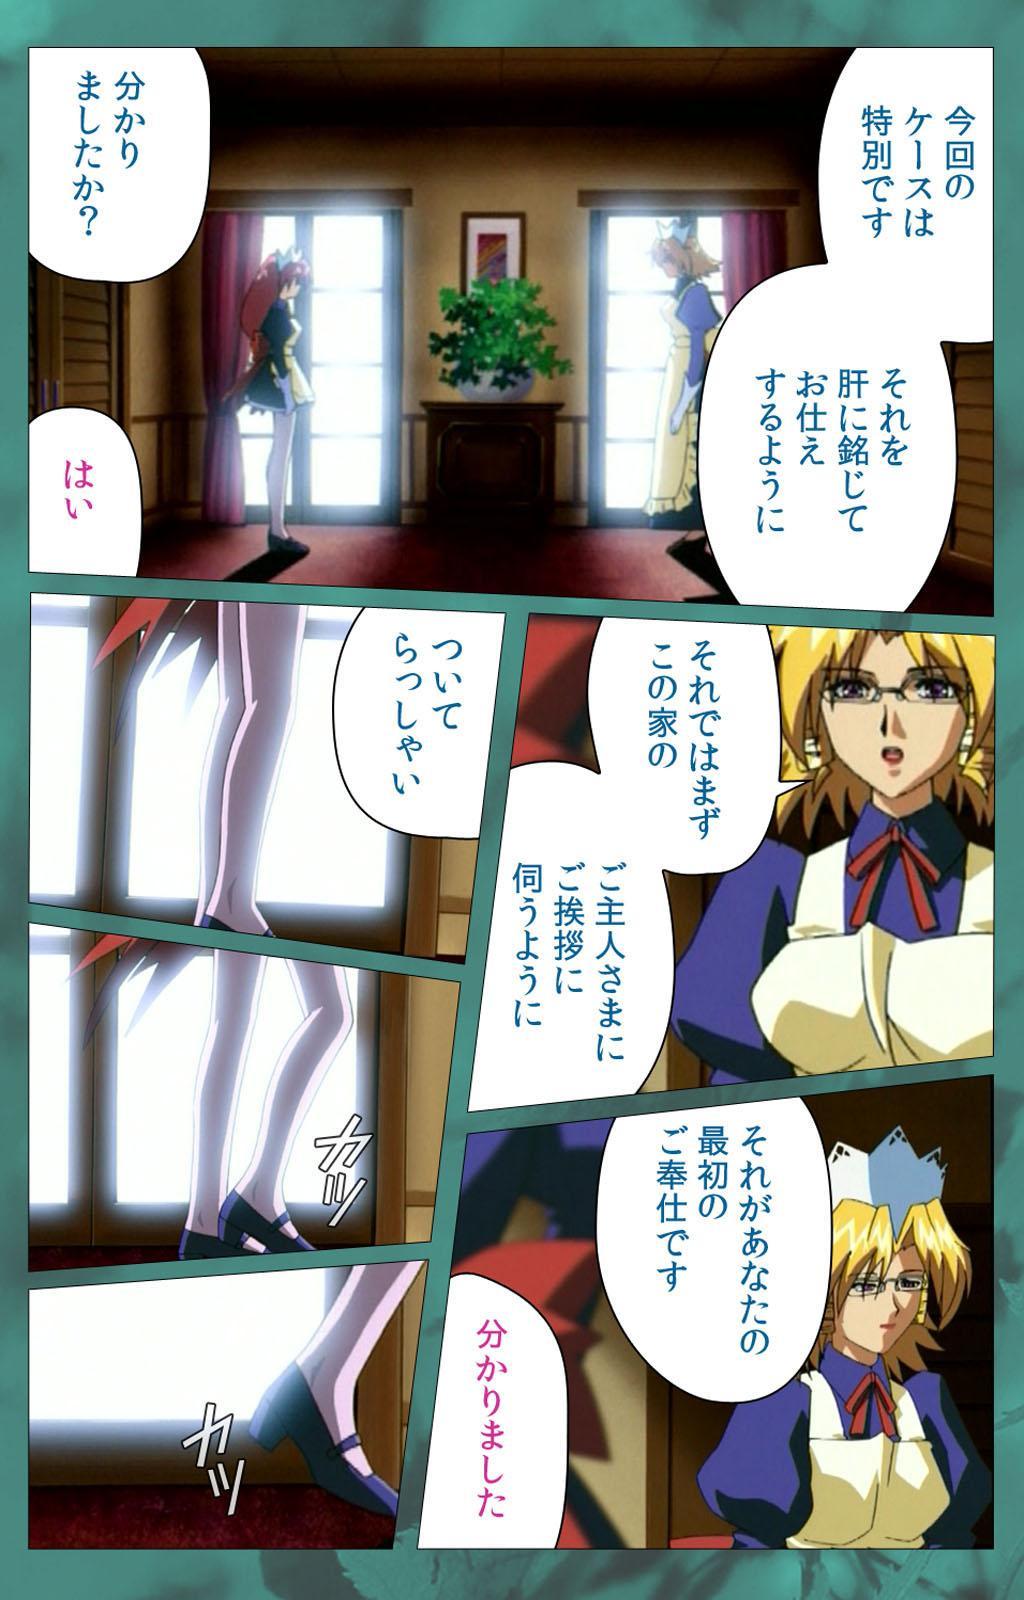 'watashi ningyo jaarimasen' kanzenhan 229